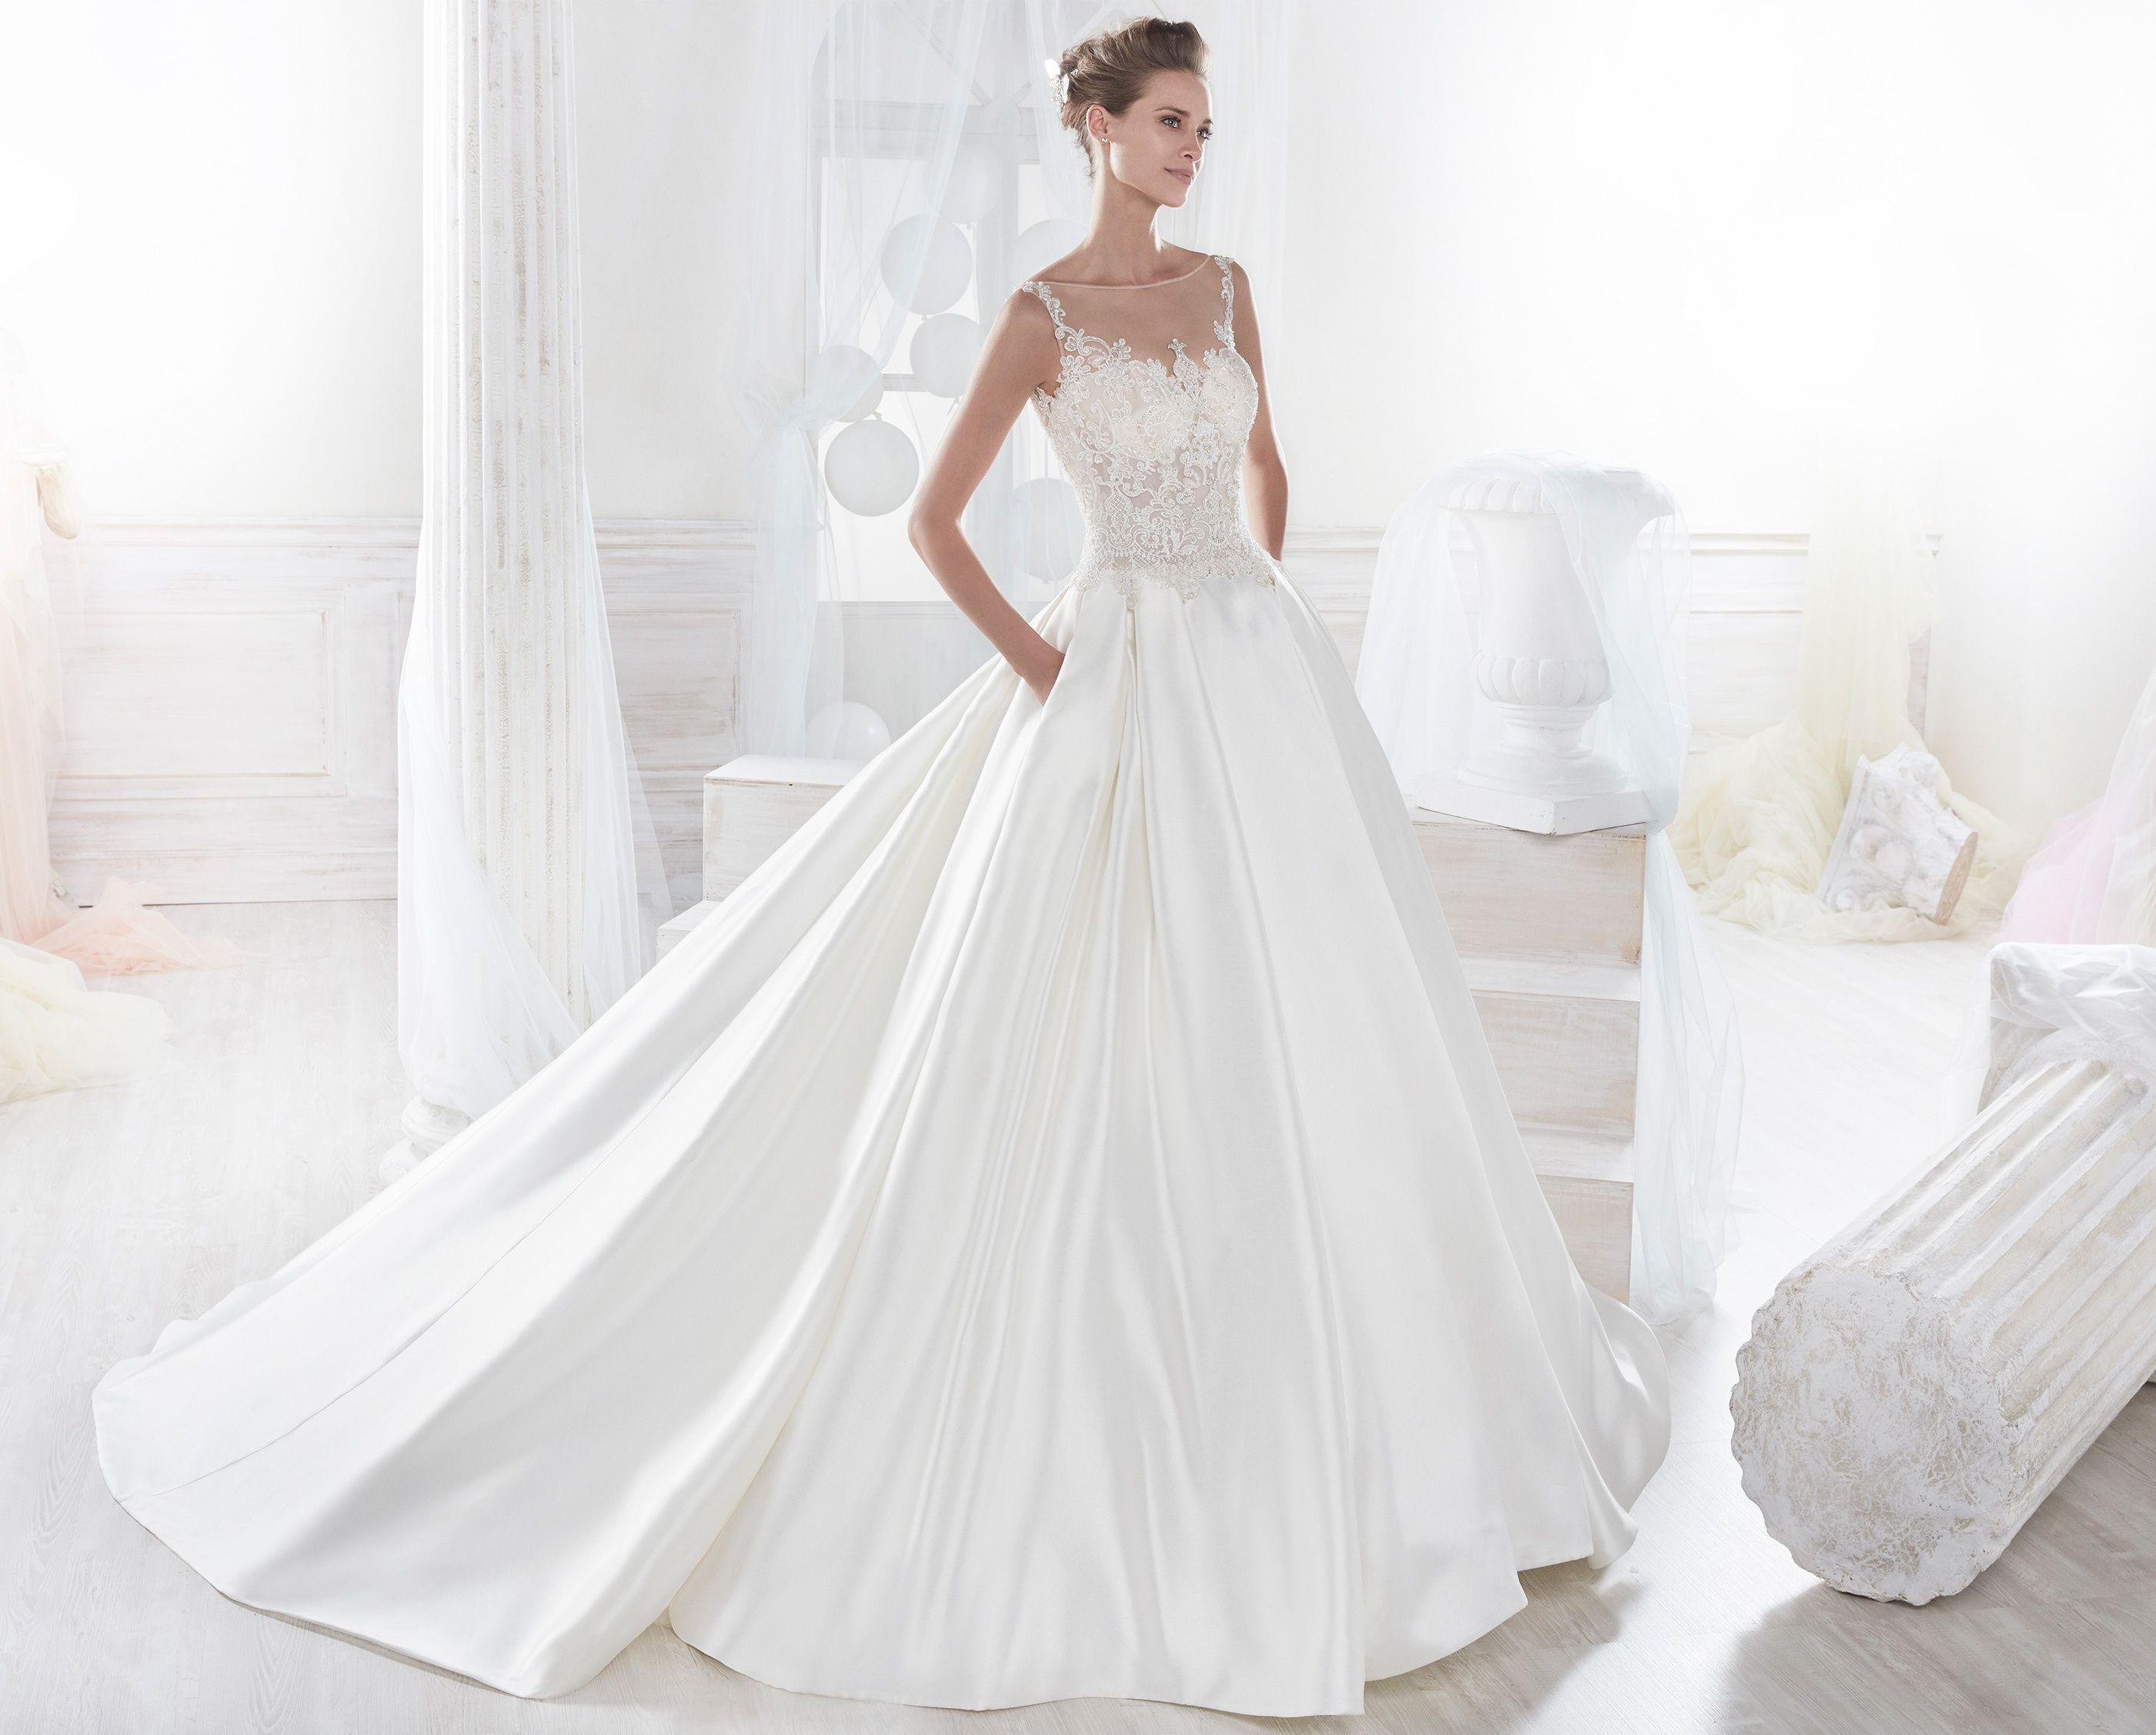 Abiti Da Sposa 2018.Dream Gown Moda Sposa 2018 Collezione Nicole Niab18112 Abito